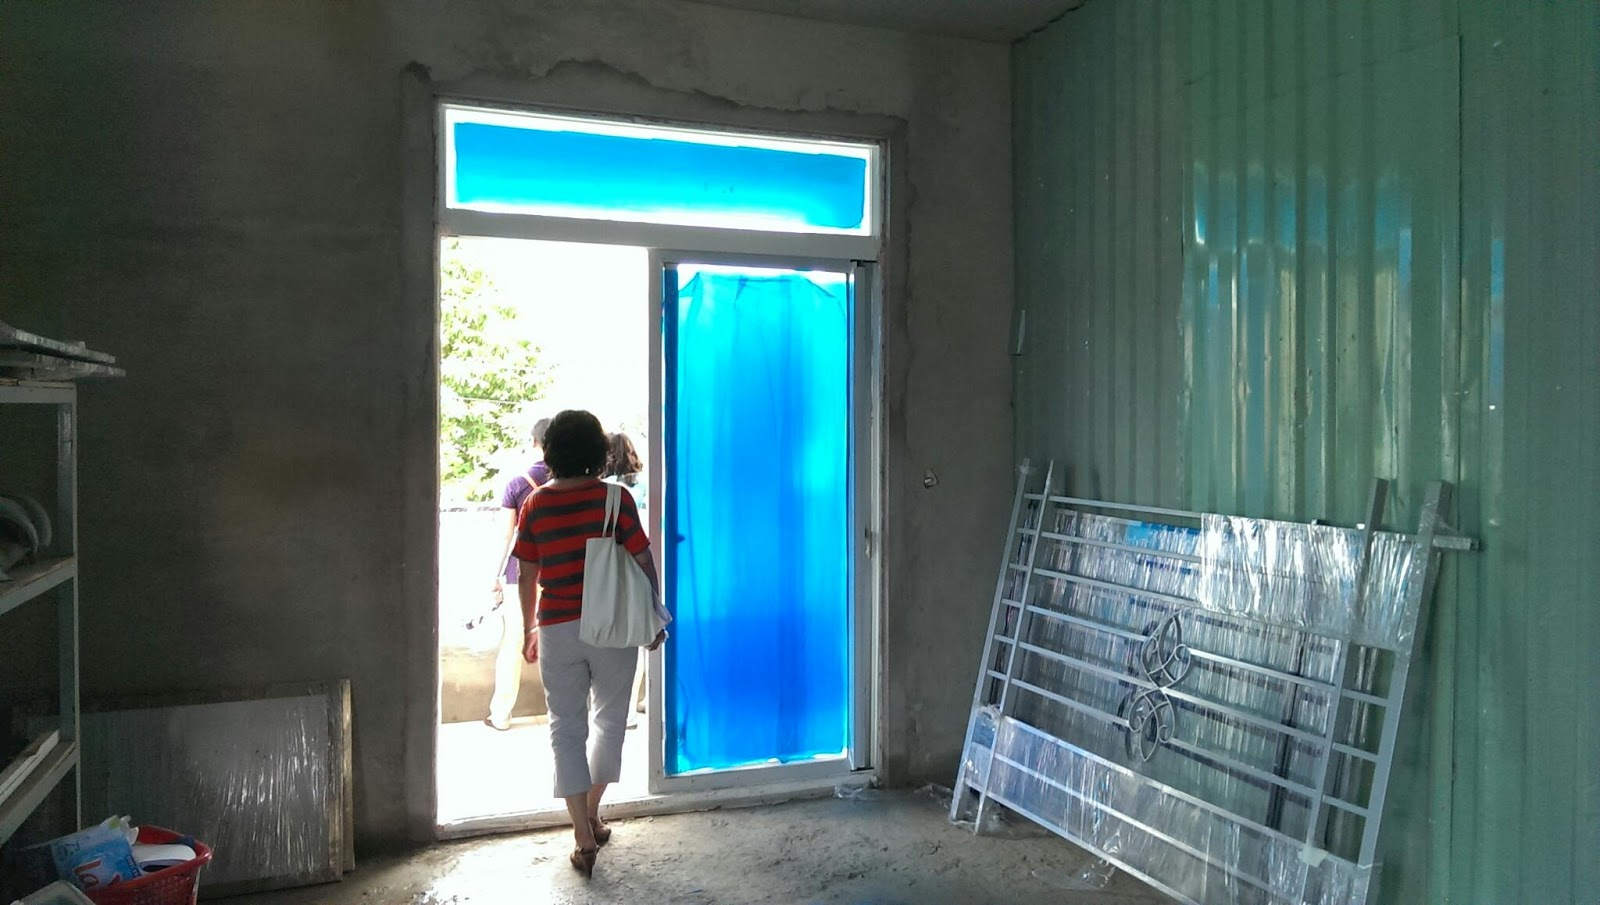 Eke interior design kh o s t thi t k n i th t m ph pmh for Eke interior design